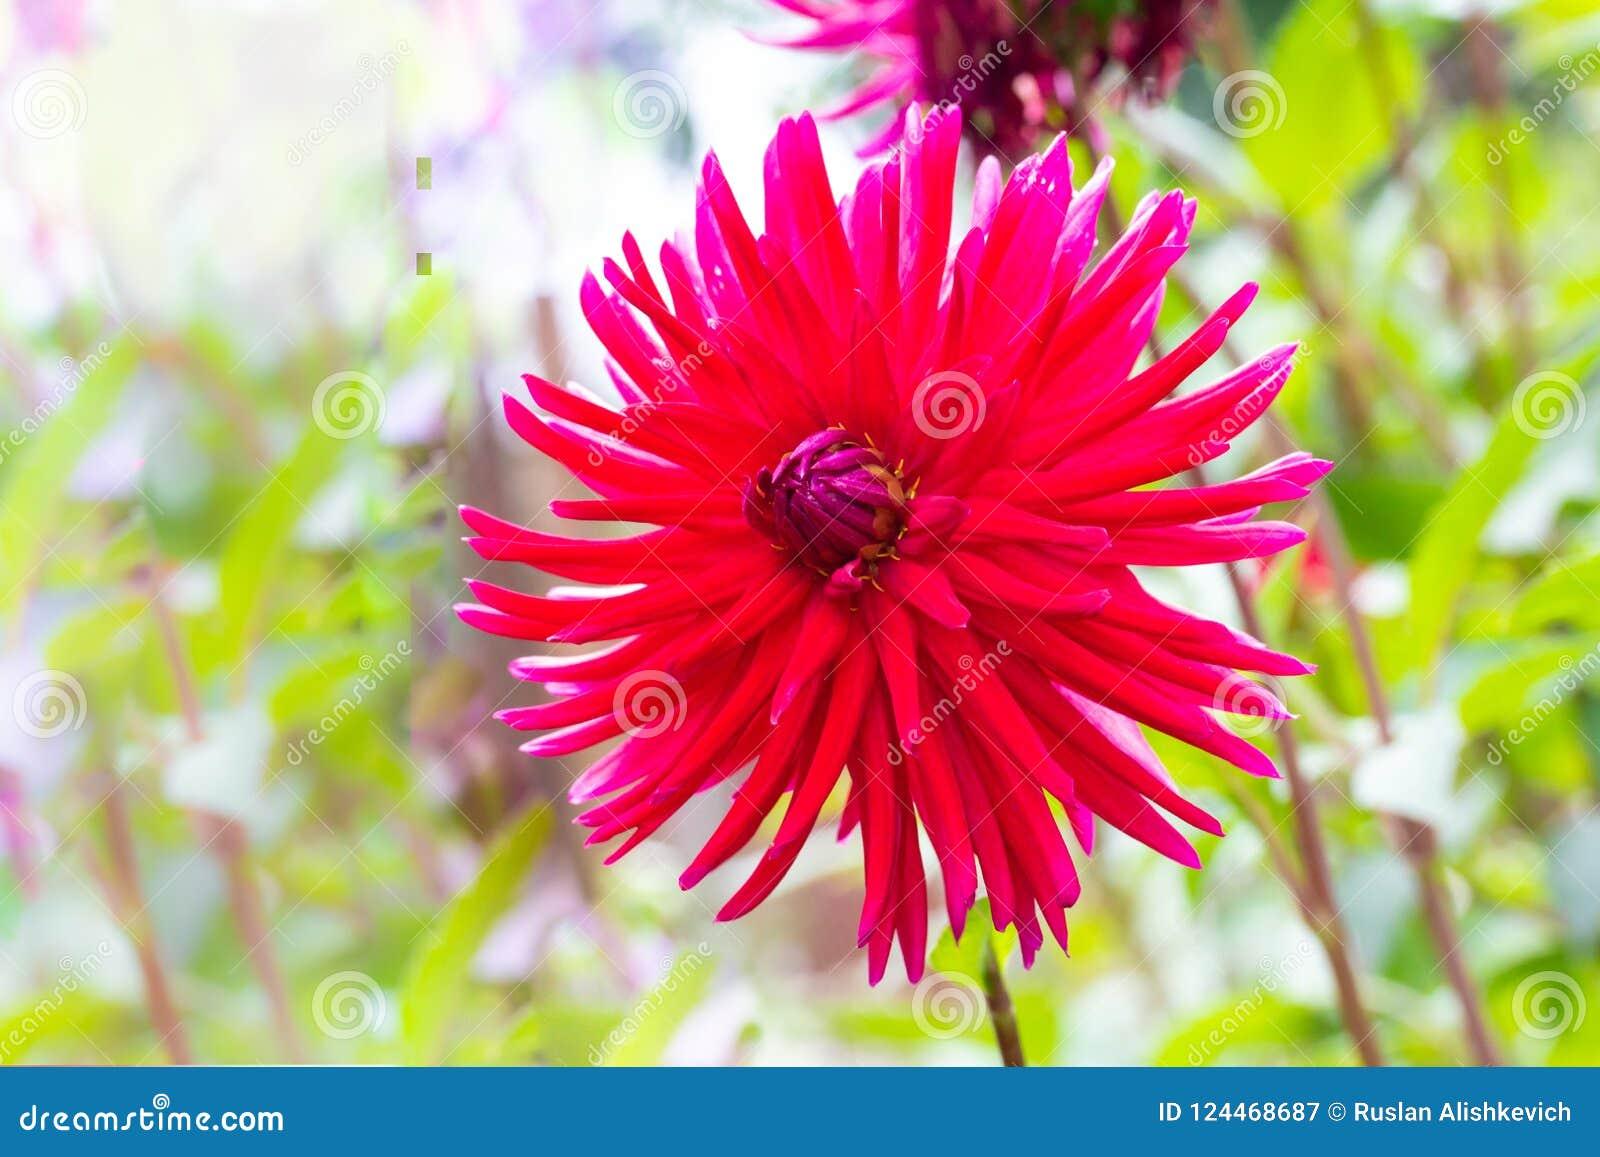 Los pétalos agudos y largos de la dalia roja magnífica florecen en th